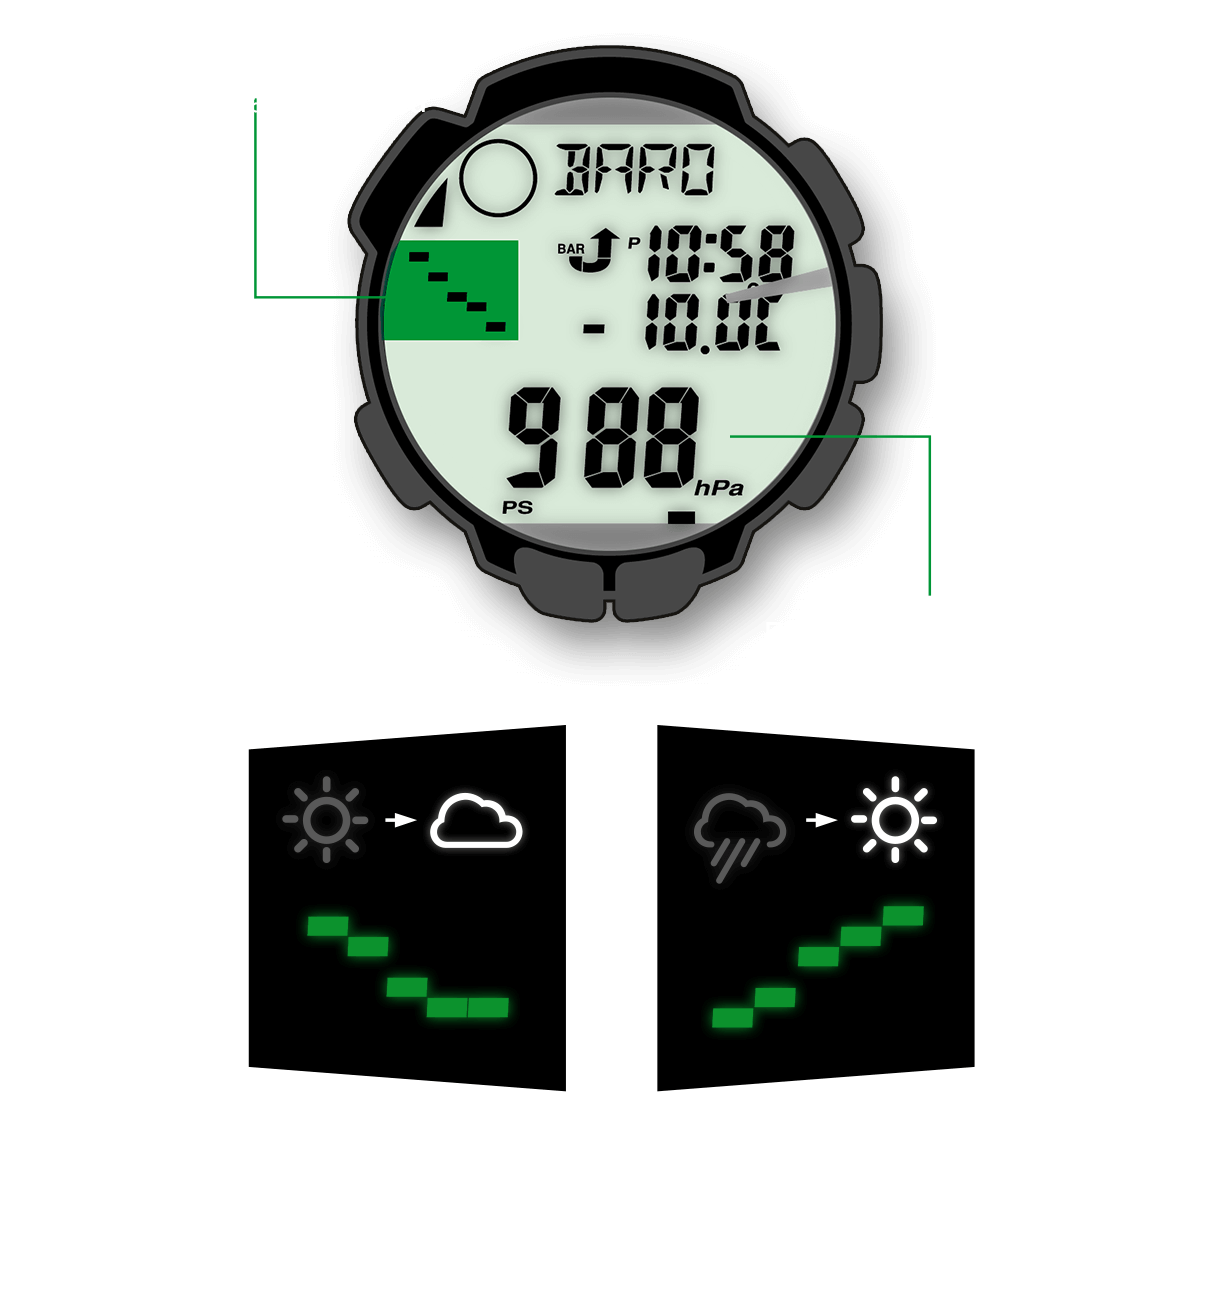 A seconda dell'aumento o della riduzione della pressione atmosferica, il tempo migliora o peggiora